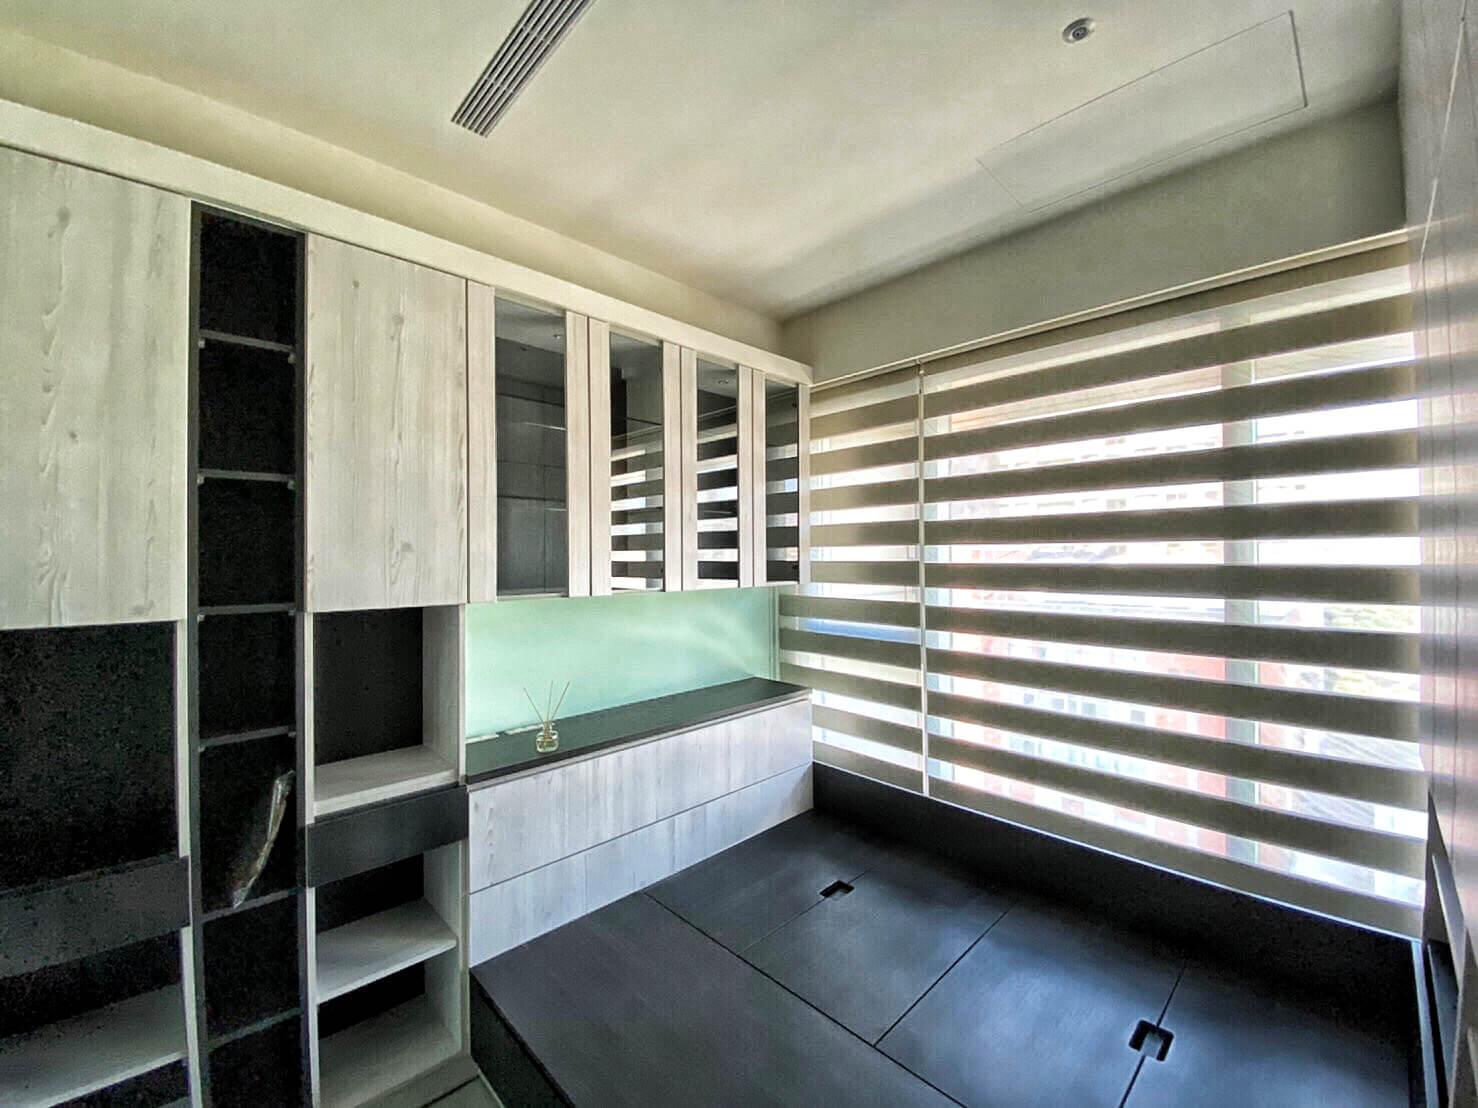 台中窗簾推薦案例 100 完全遮光 調光簾 房間窗簾設計